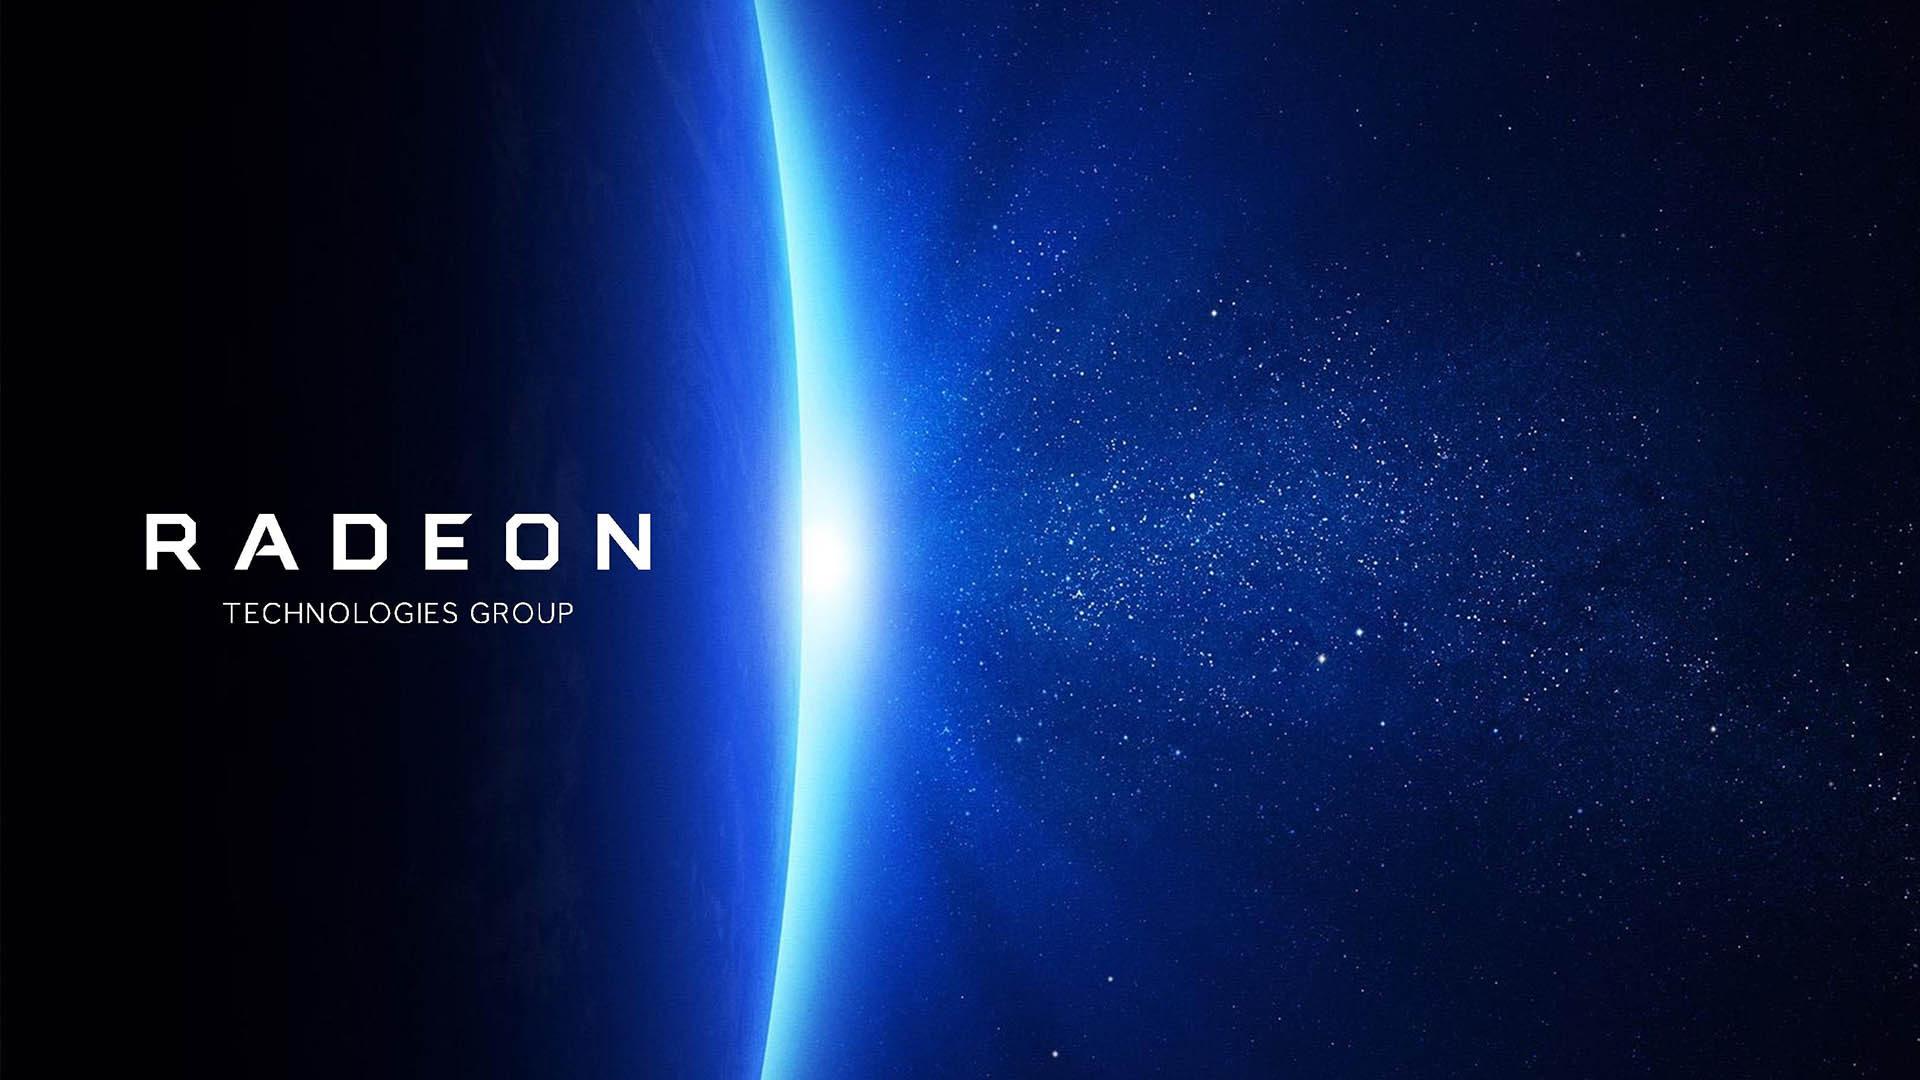 AMD-Radeon-Pro-Feature-1080p-1920x1080